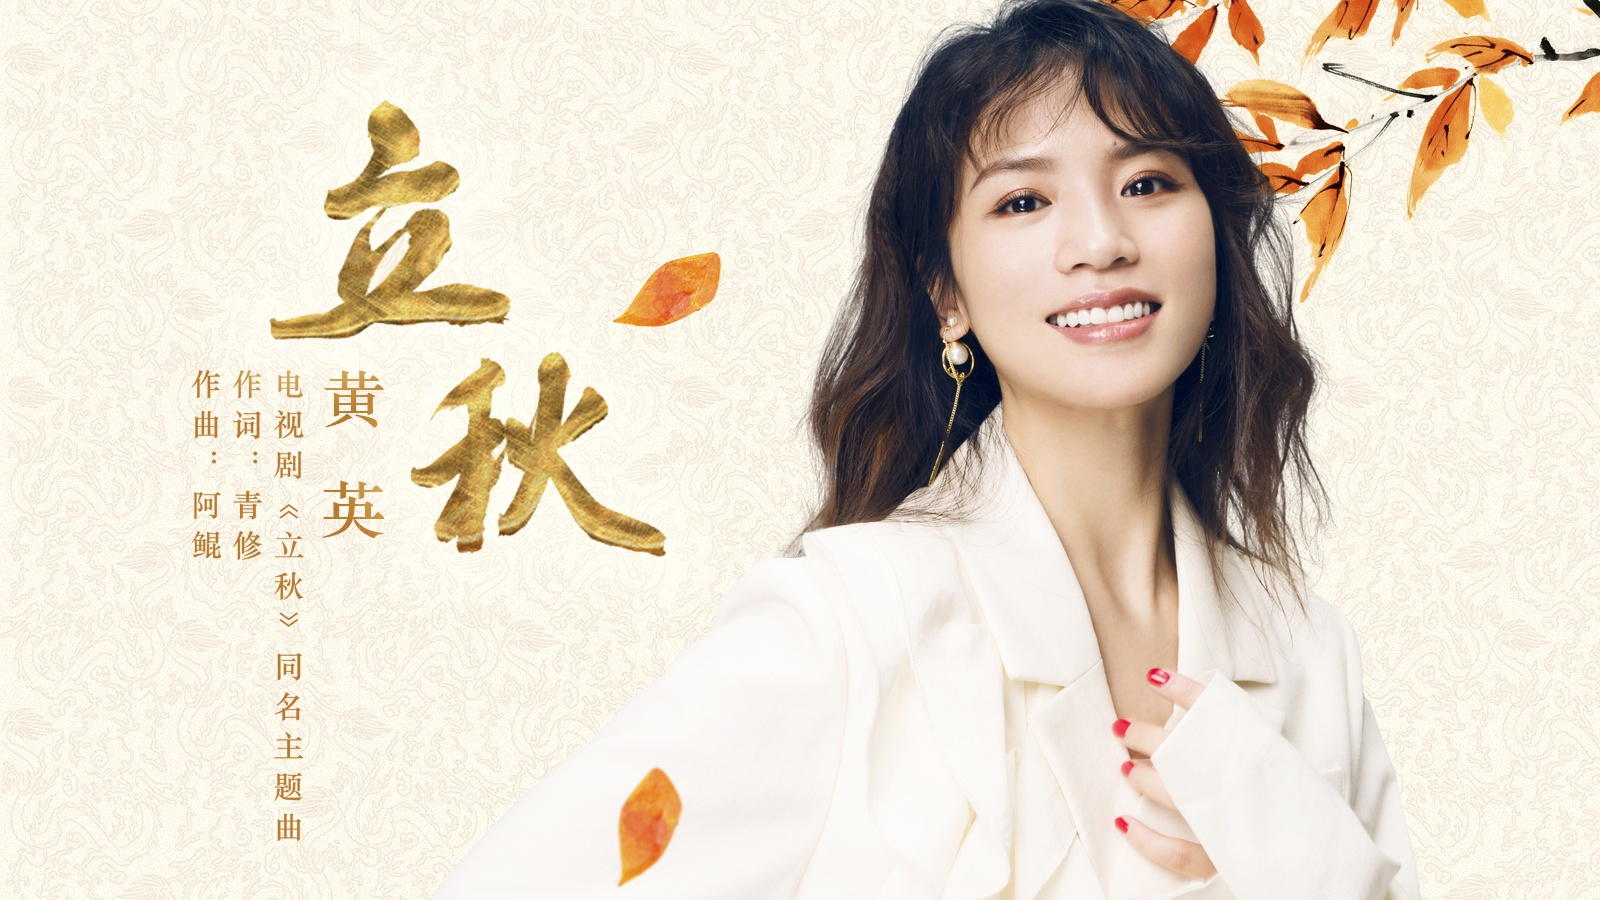 黄英献唱电视剧《立秋》同名主题曲天籁坎音美轮美奂